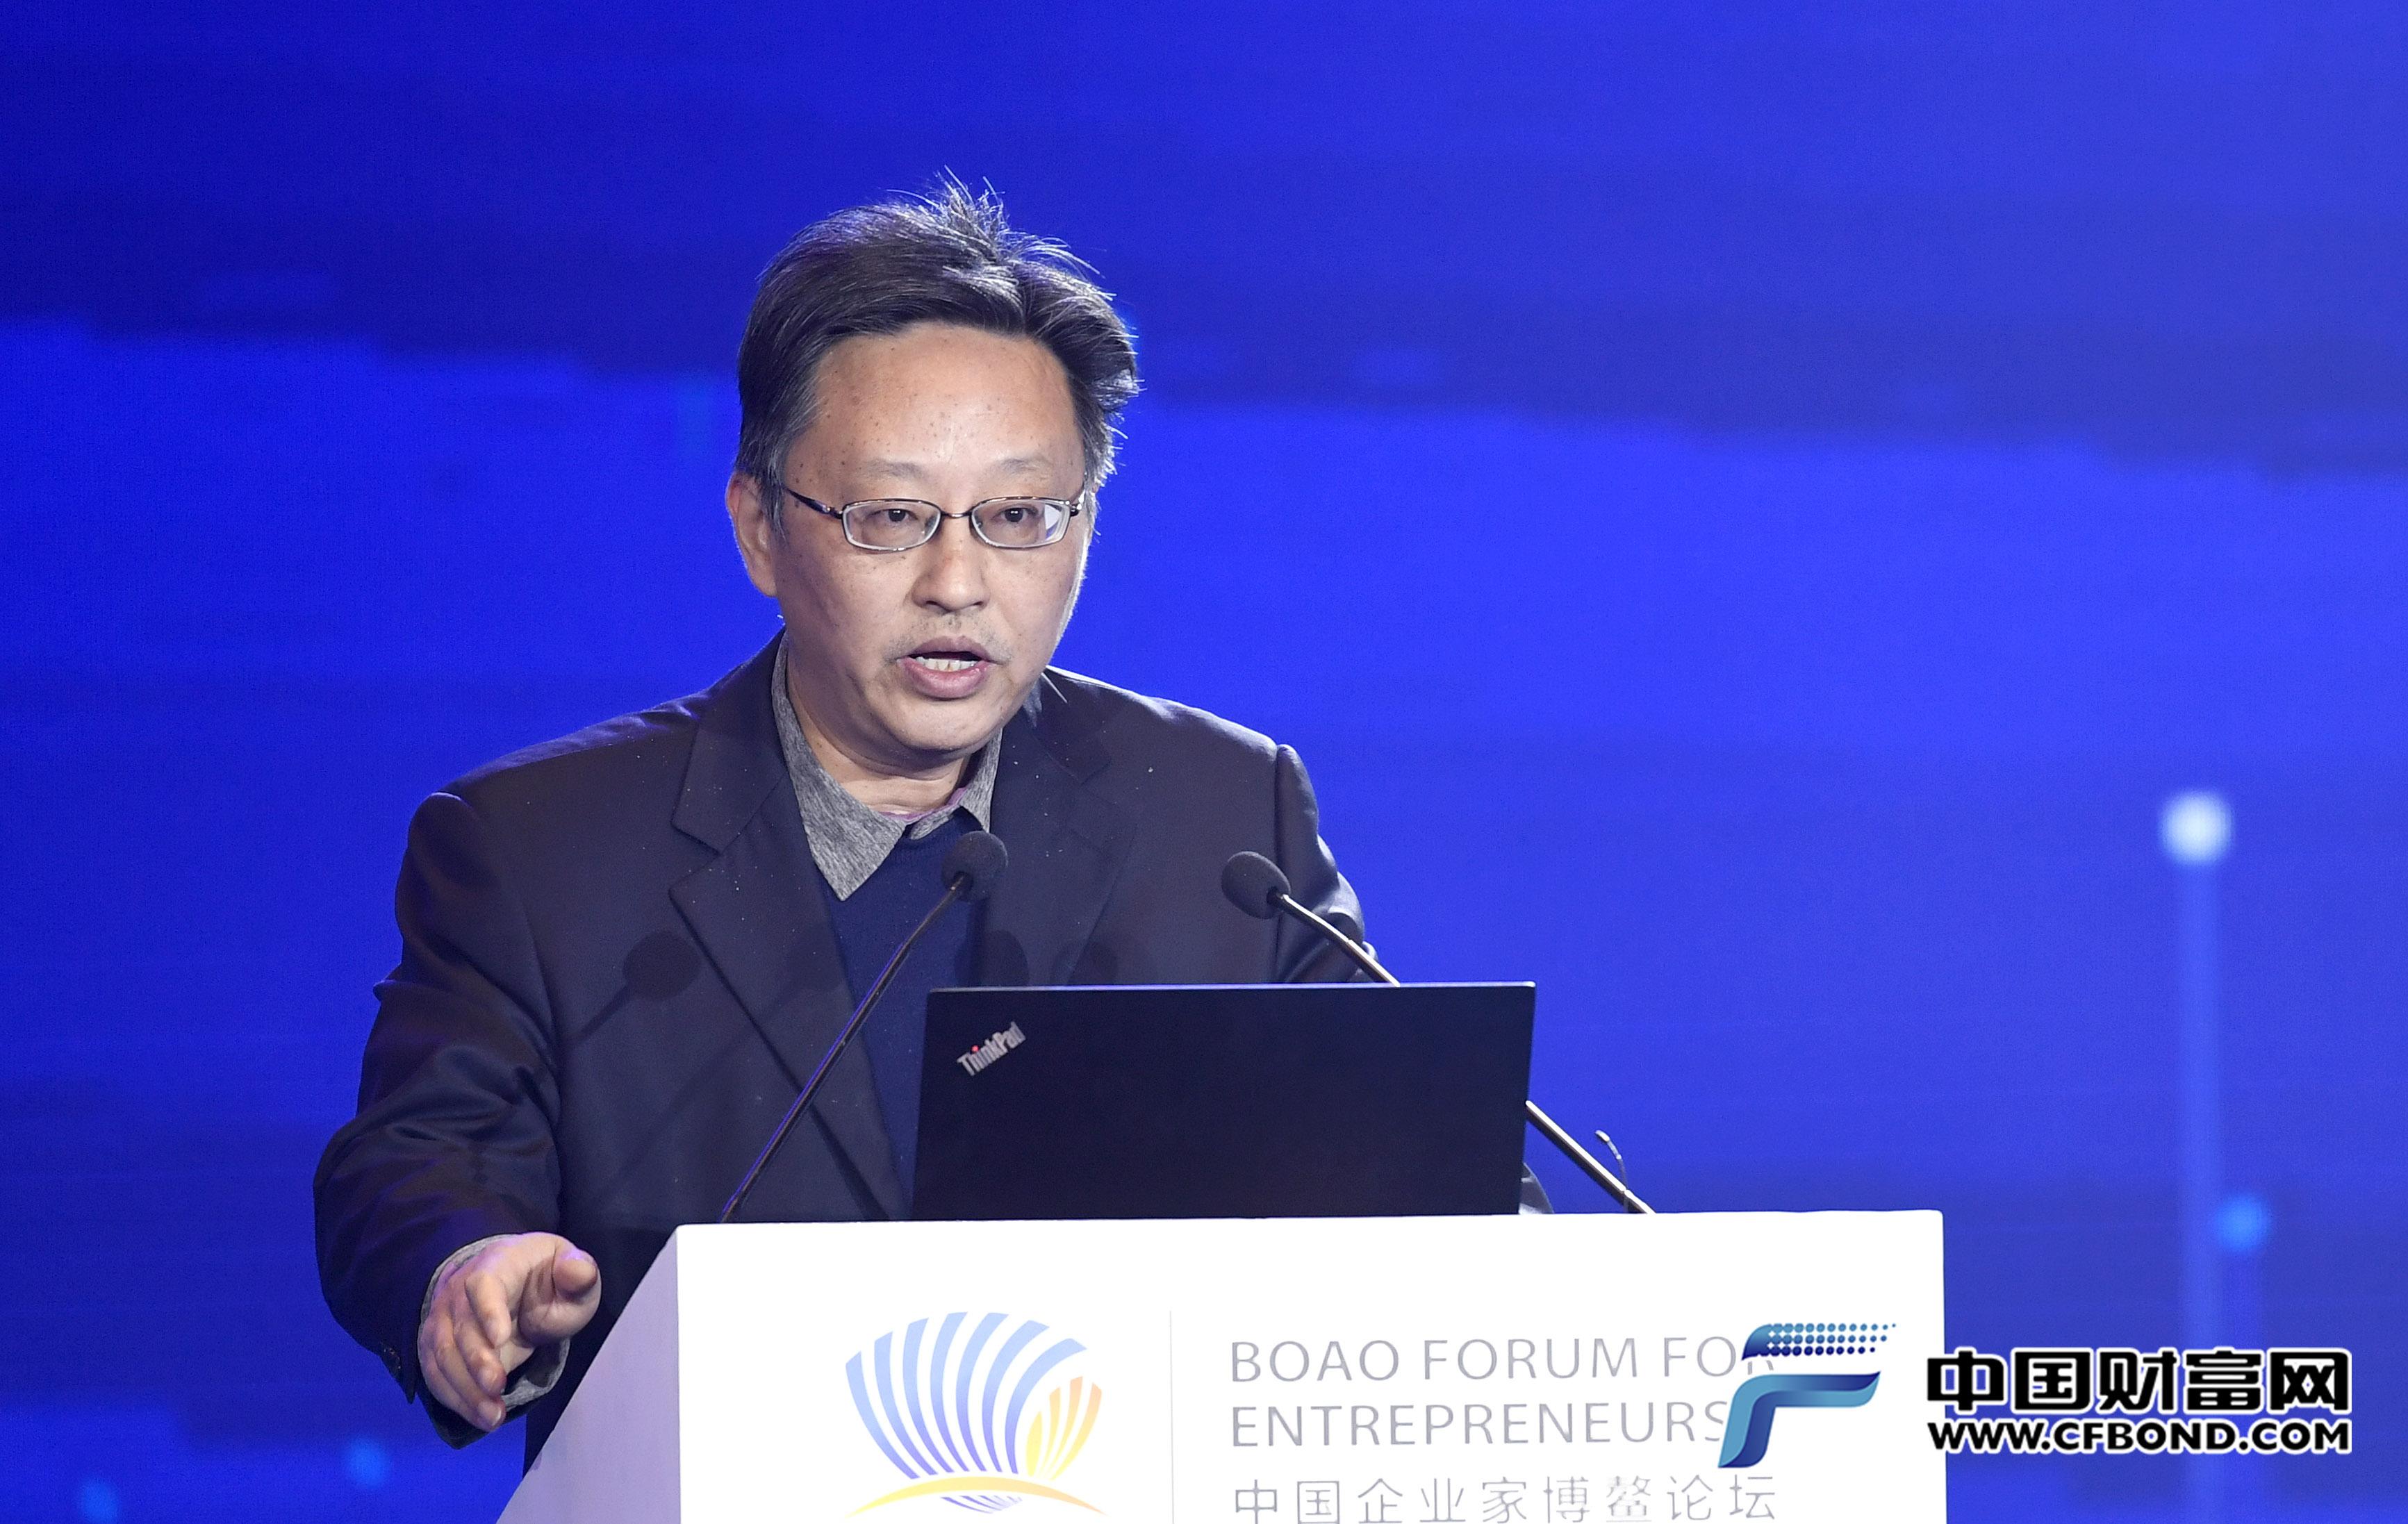 中国人民银行参事室主任、国务院参事室金融研究中心主任纪敏主题演讲